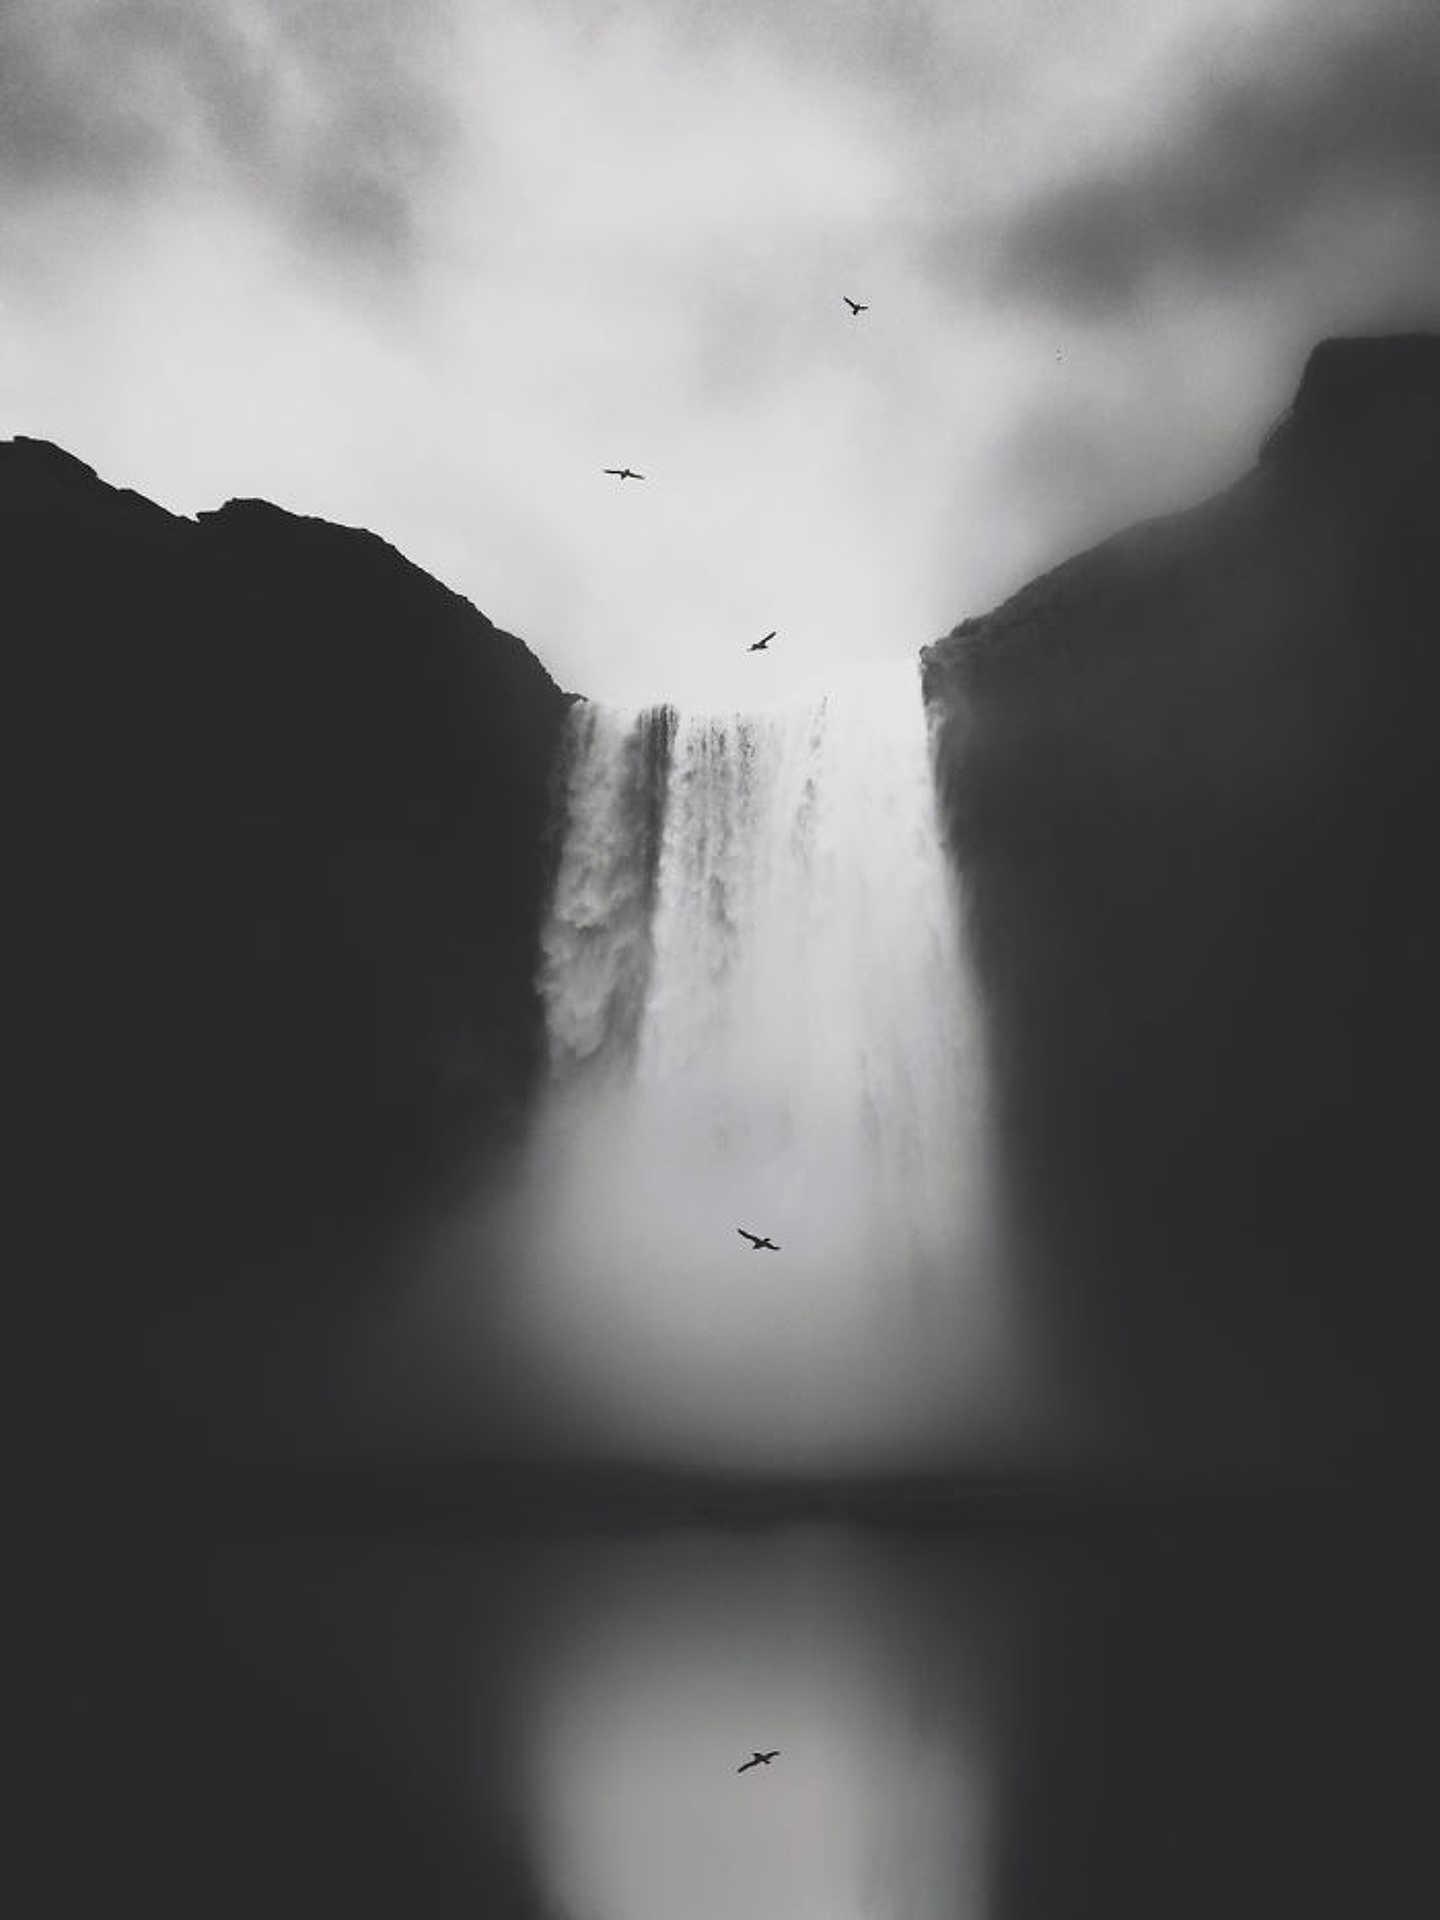 Természet - Lisi Li: 'Untitled'